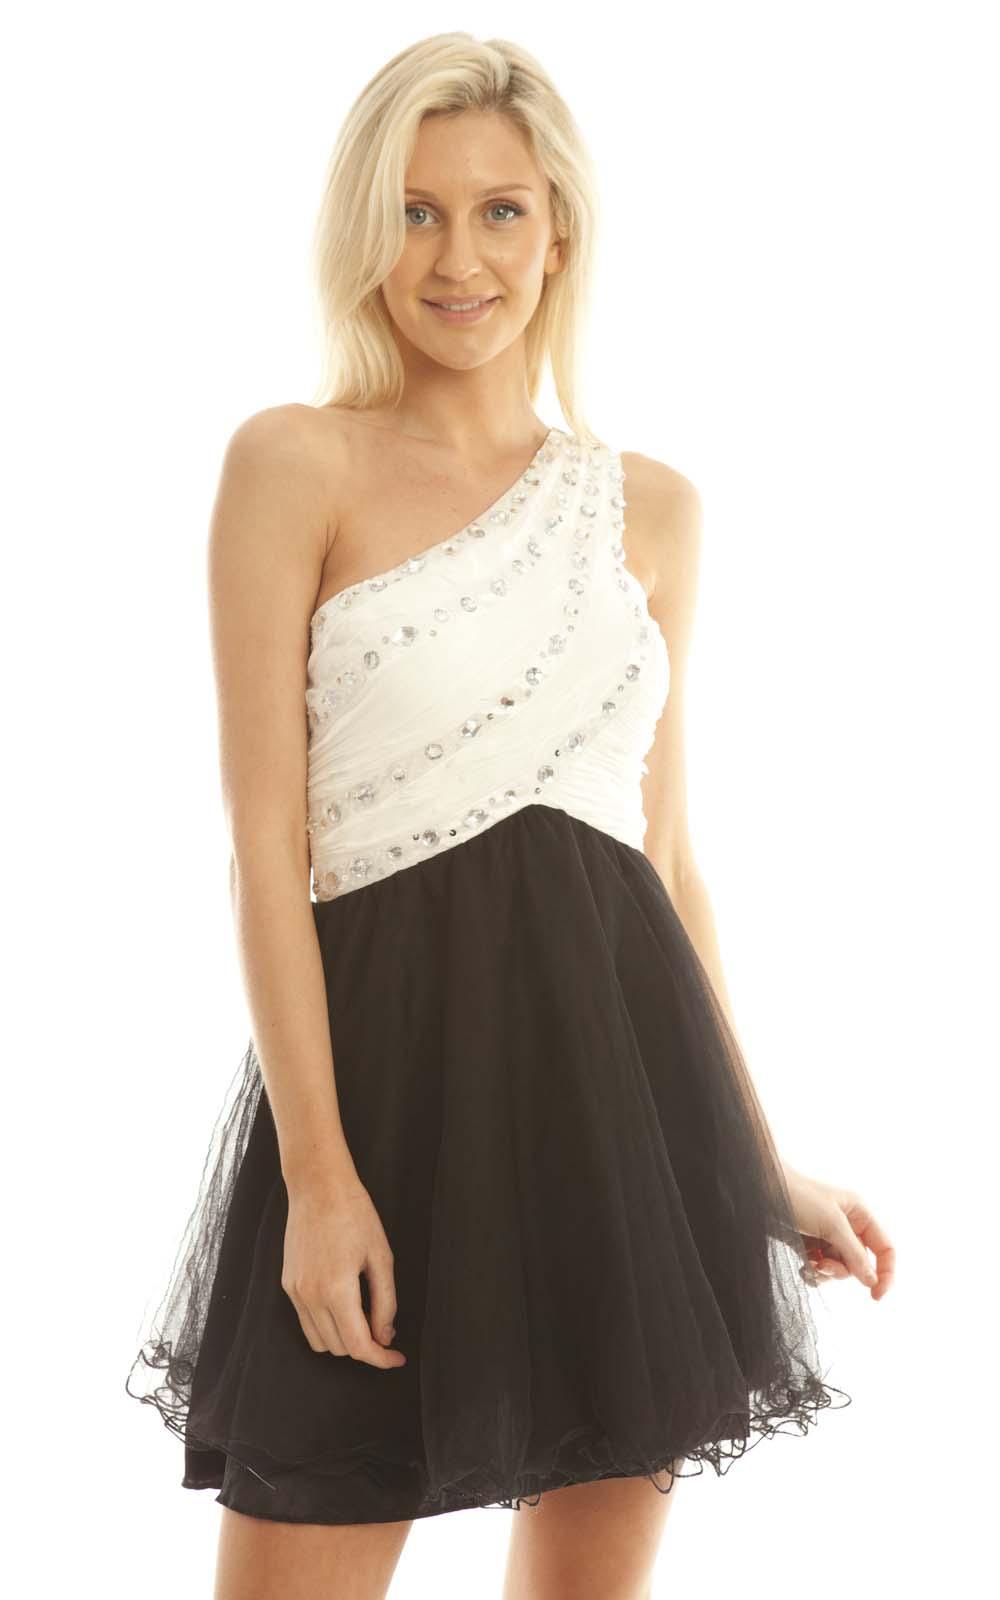 iKrush Abelia Black and White One Shouldered Embellished Prom Dress